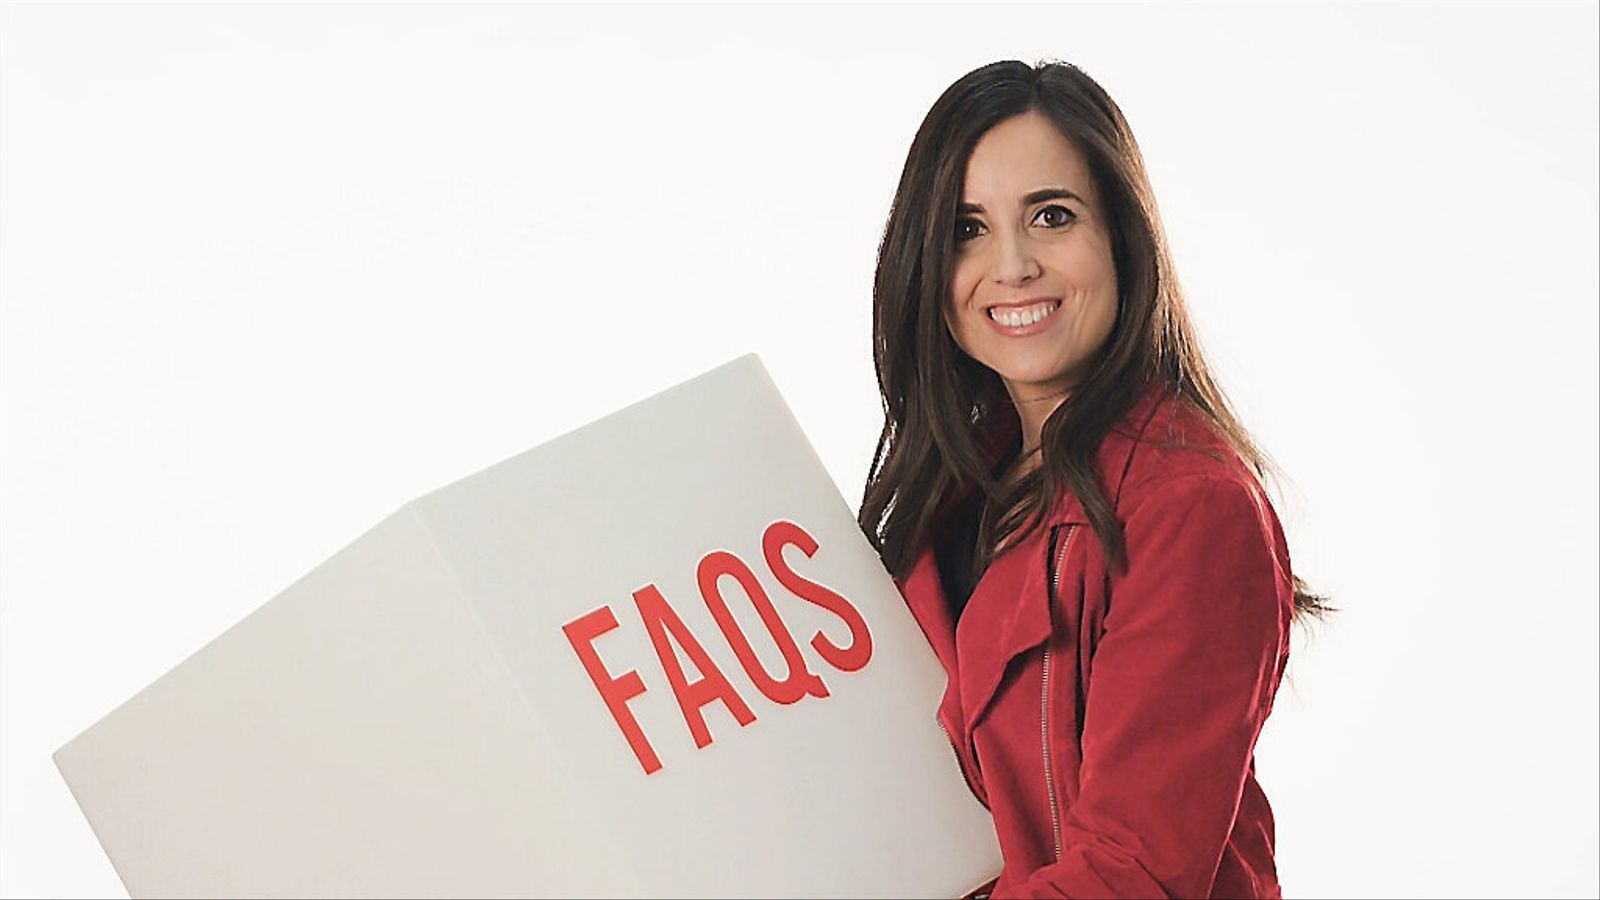 El 'FAQS' fa saltar Laura Rosel per Cristina Puig